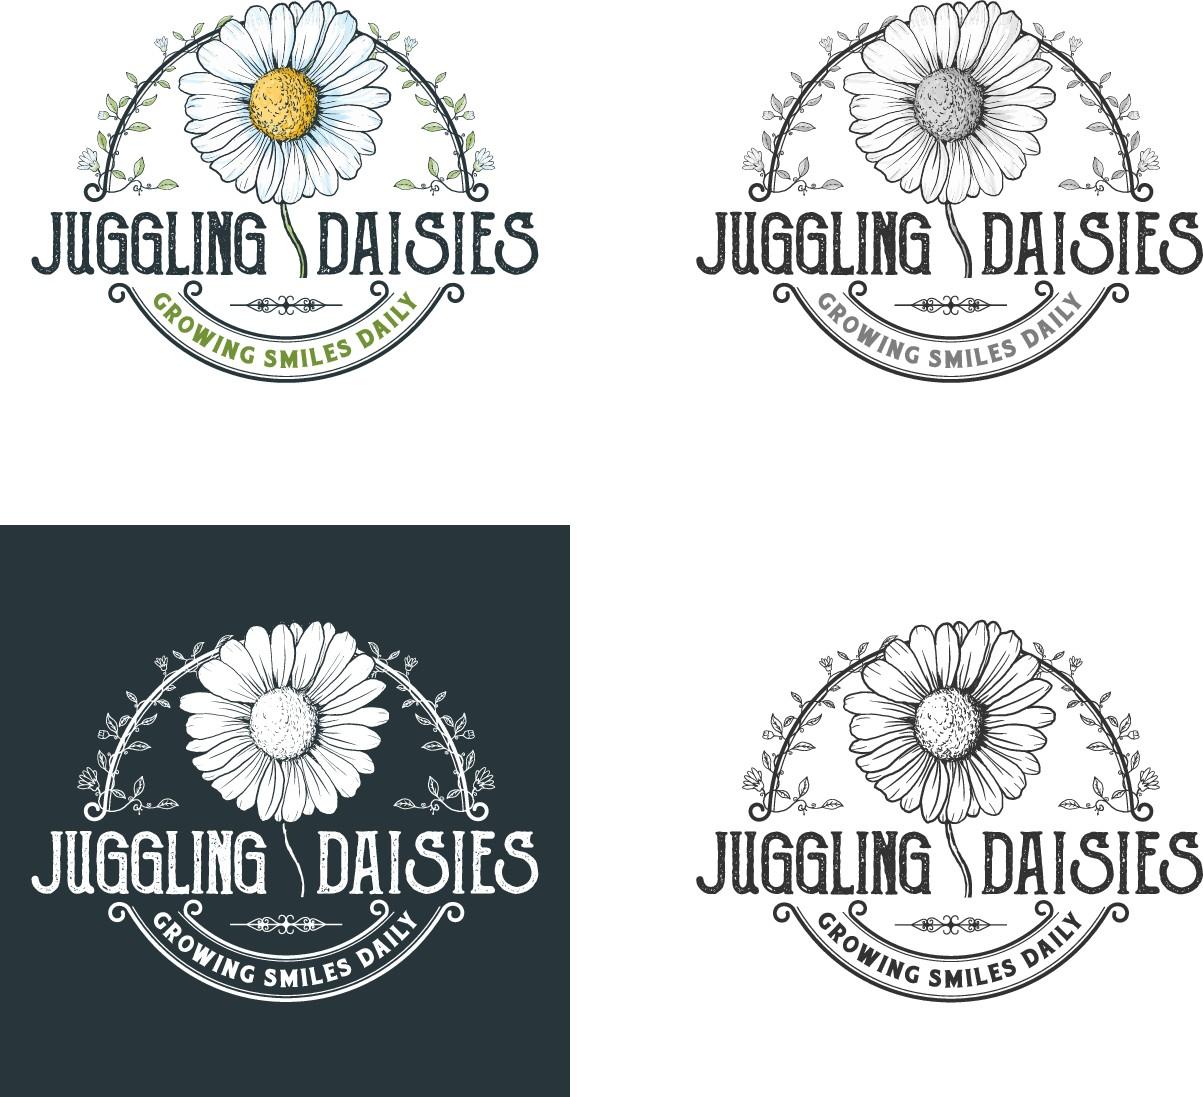 Juggling Daisies Logo Change